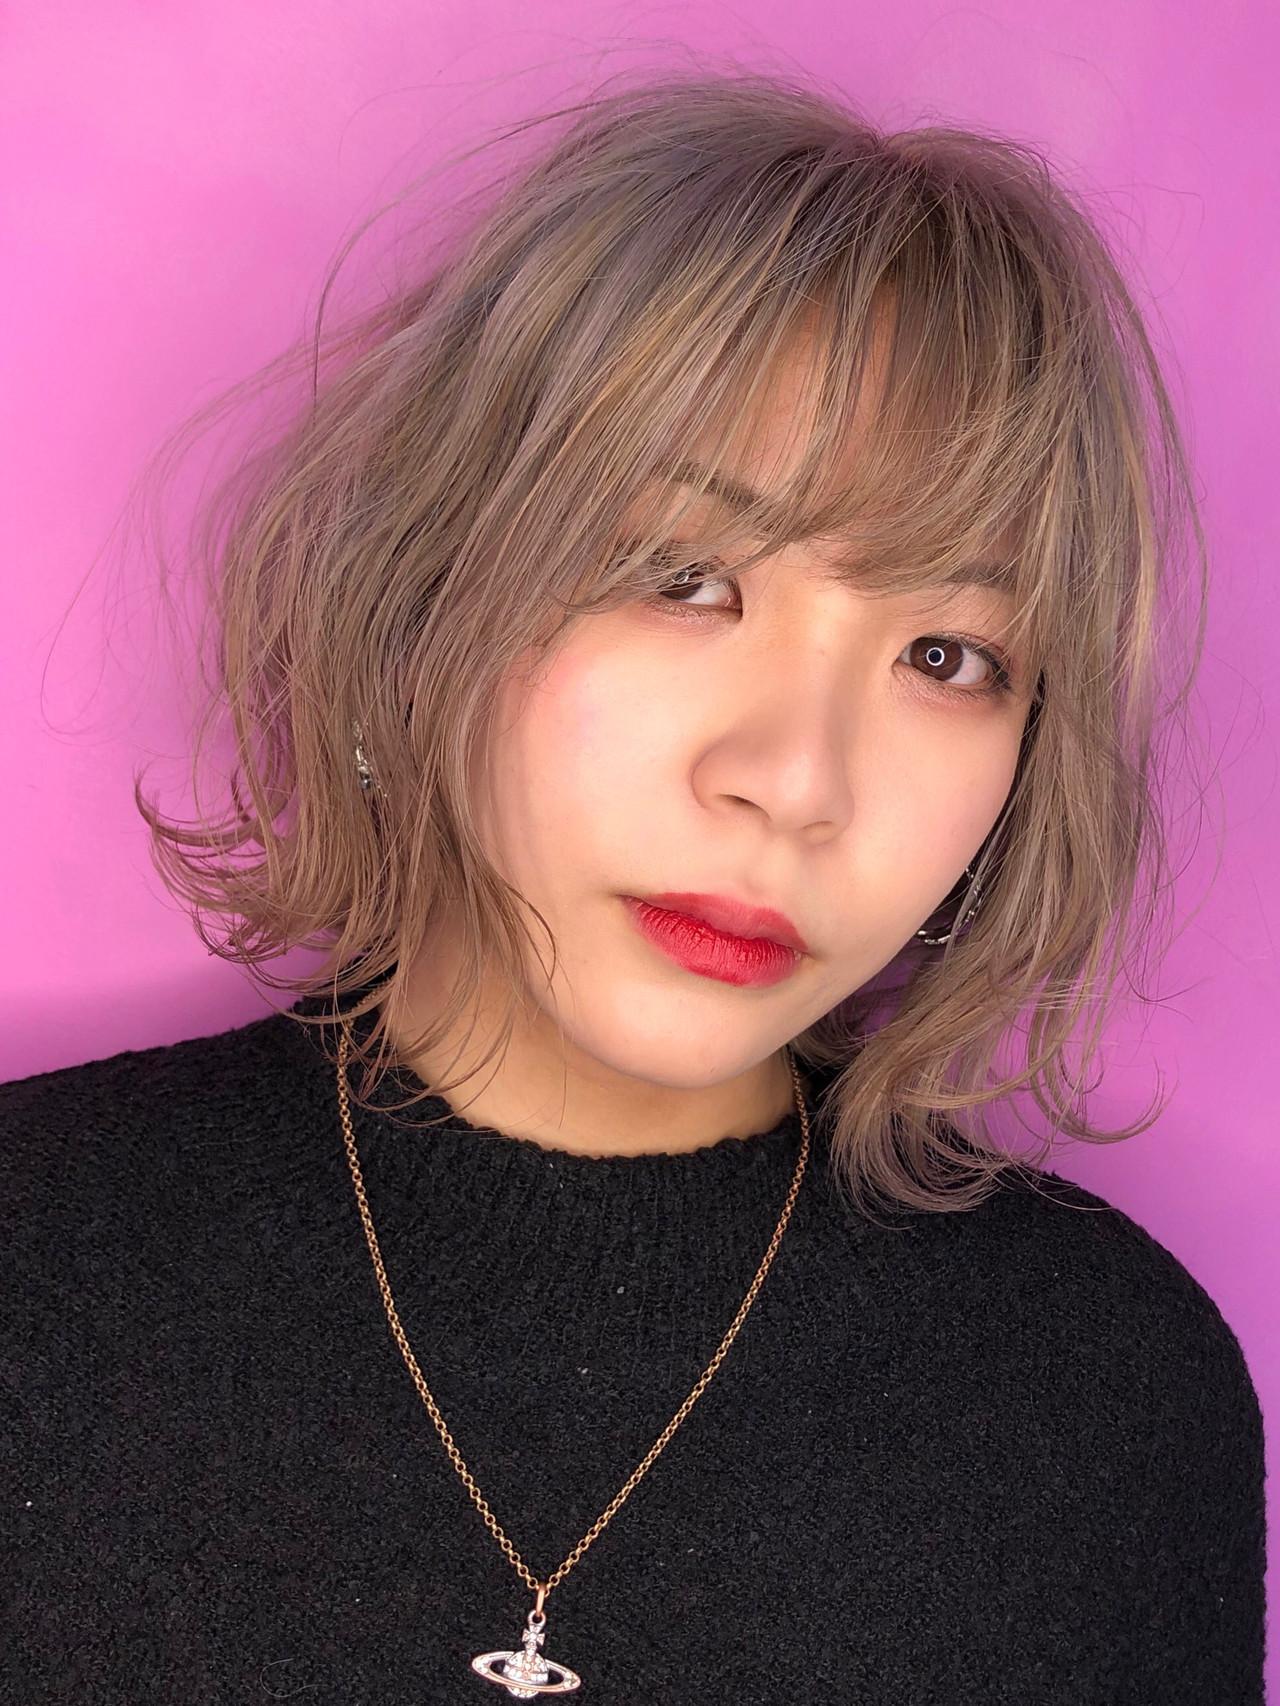 ハイトーン 金髪 ガーリー ハイトーンボブ ヘアスタイルや髪型の写真・画像